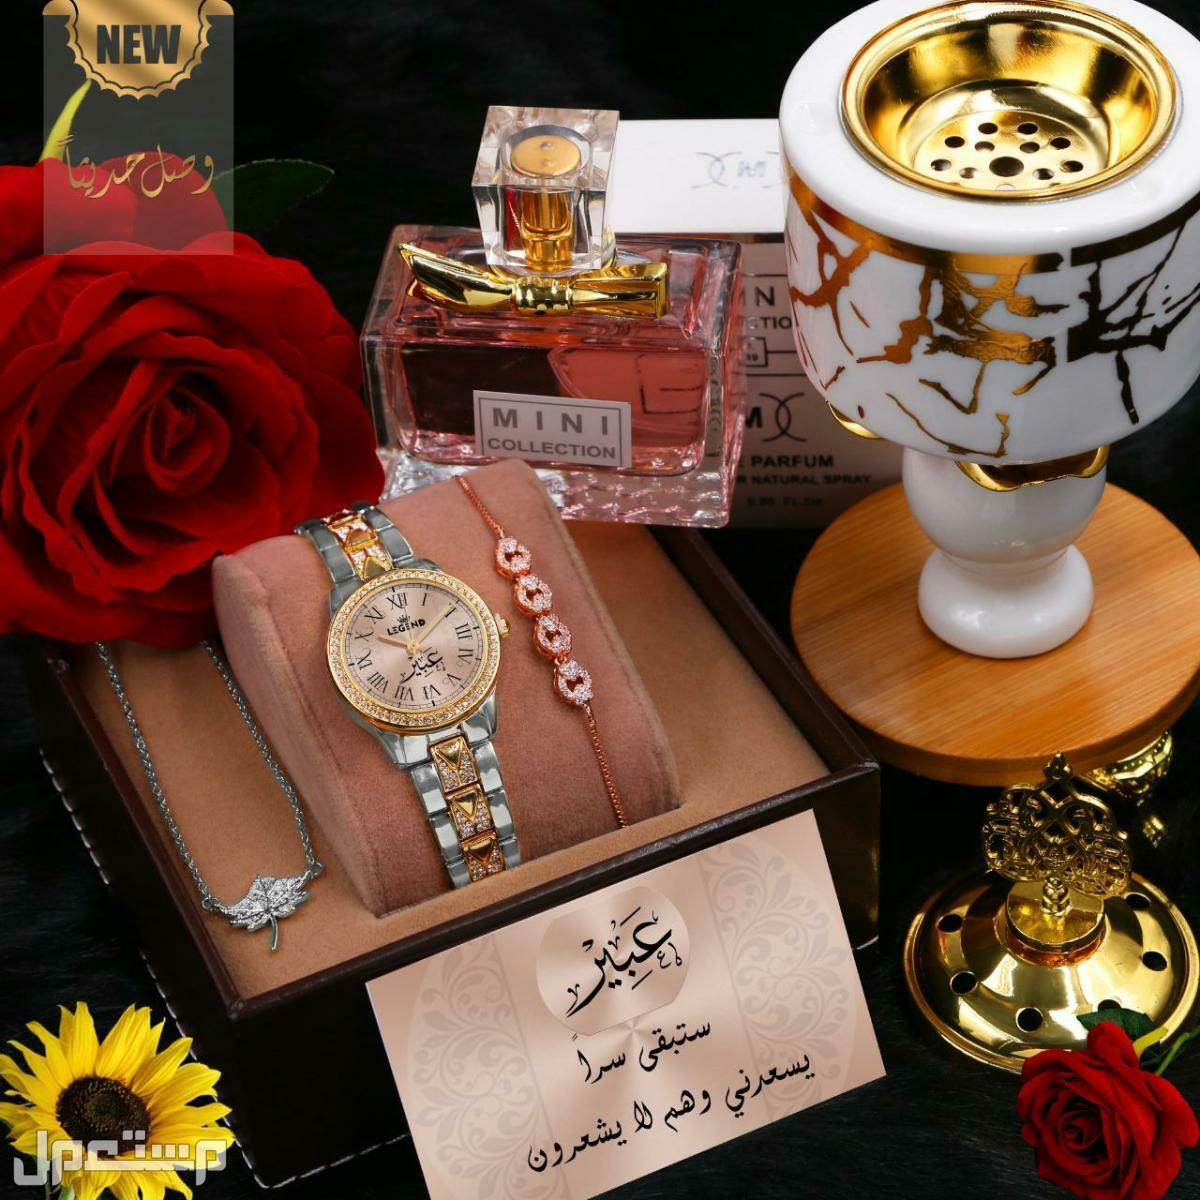 اطقم ساعات وهدايا نسائية باسم من تحب # يوجد توصيل لجميع المدن